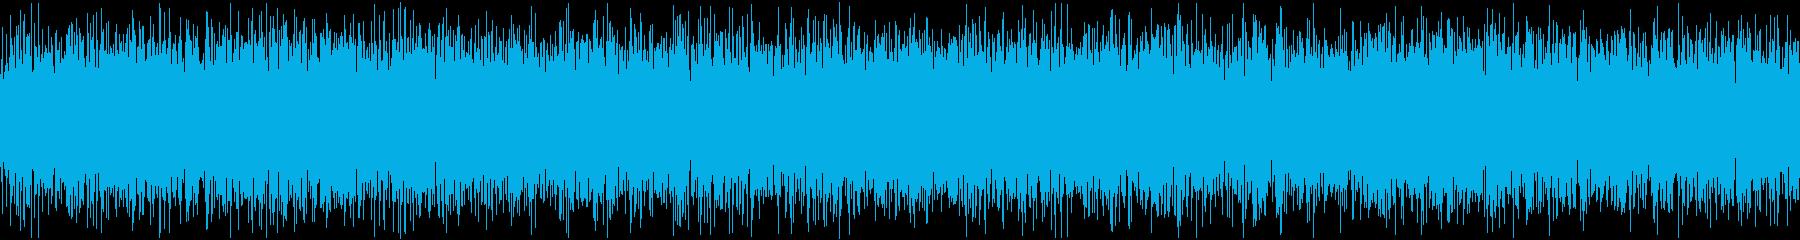 ザァー(AMラジオのノイズA)ループ処理の再生済みの波形